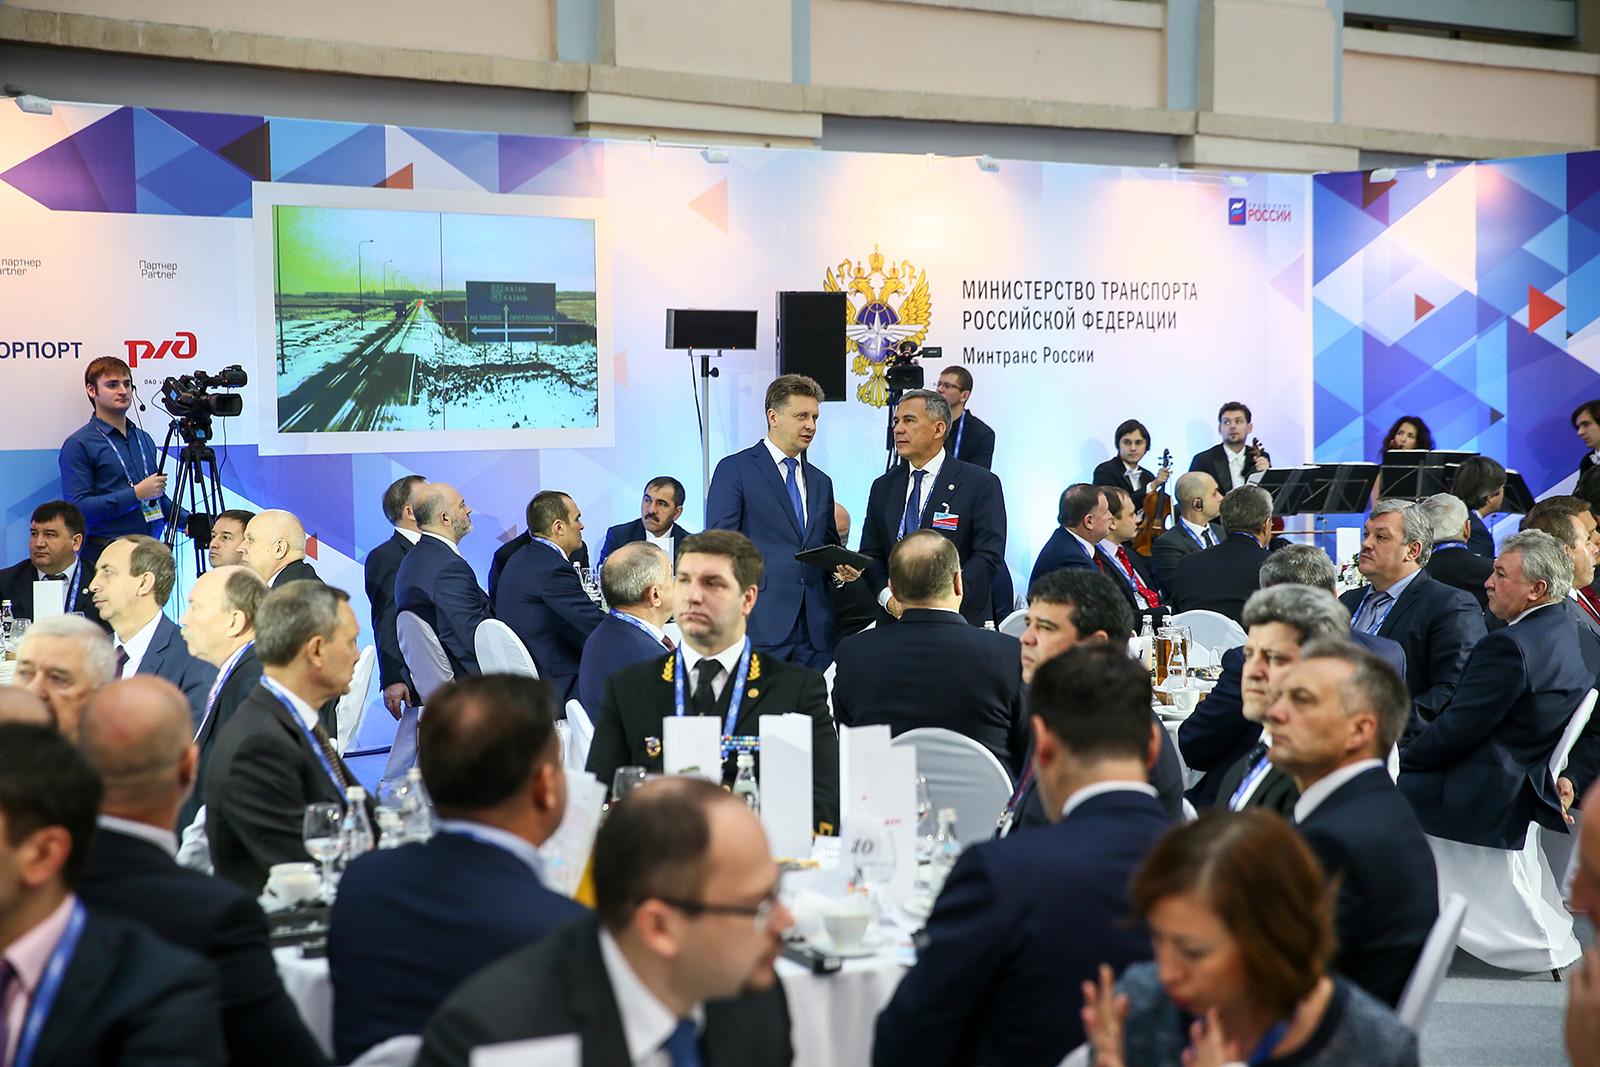 IX Международный форум Транспорт России Деловой завтрак министра транспорта РФ